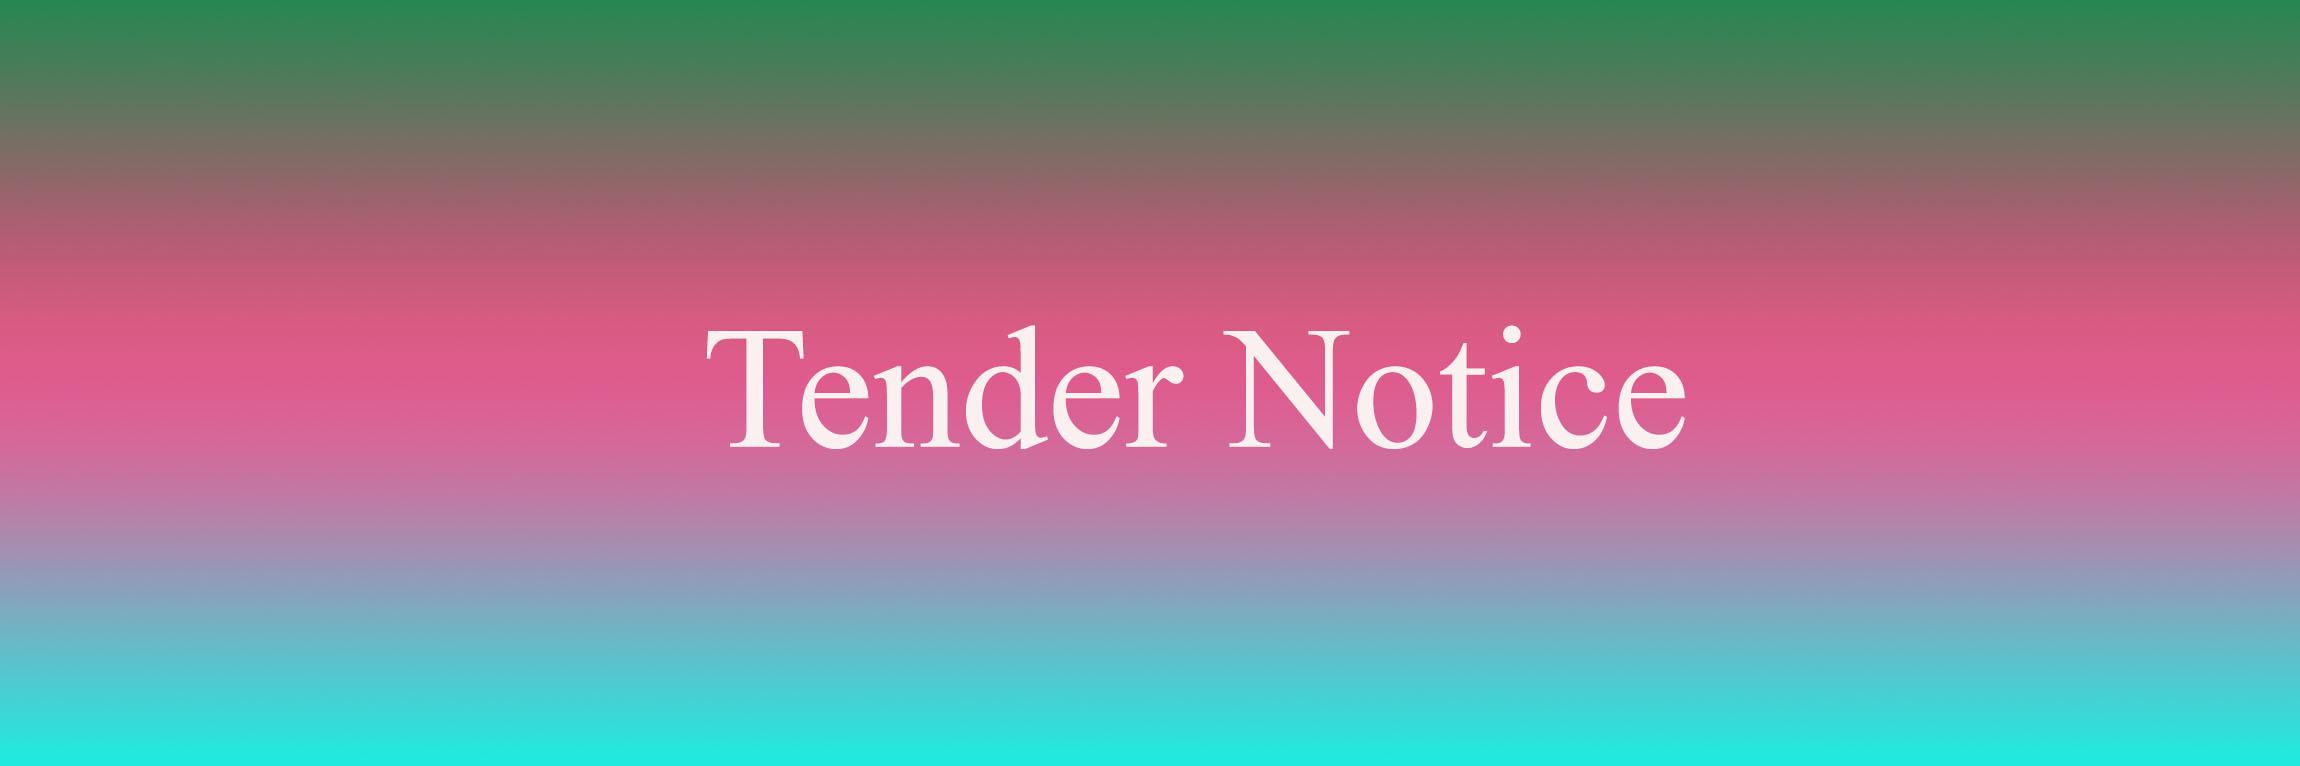 tender N